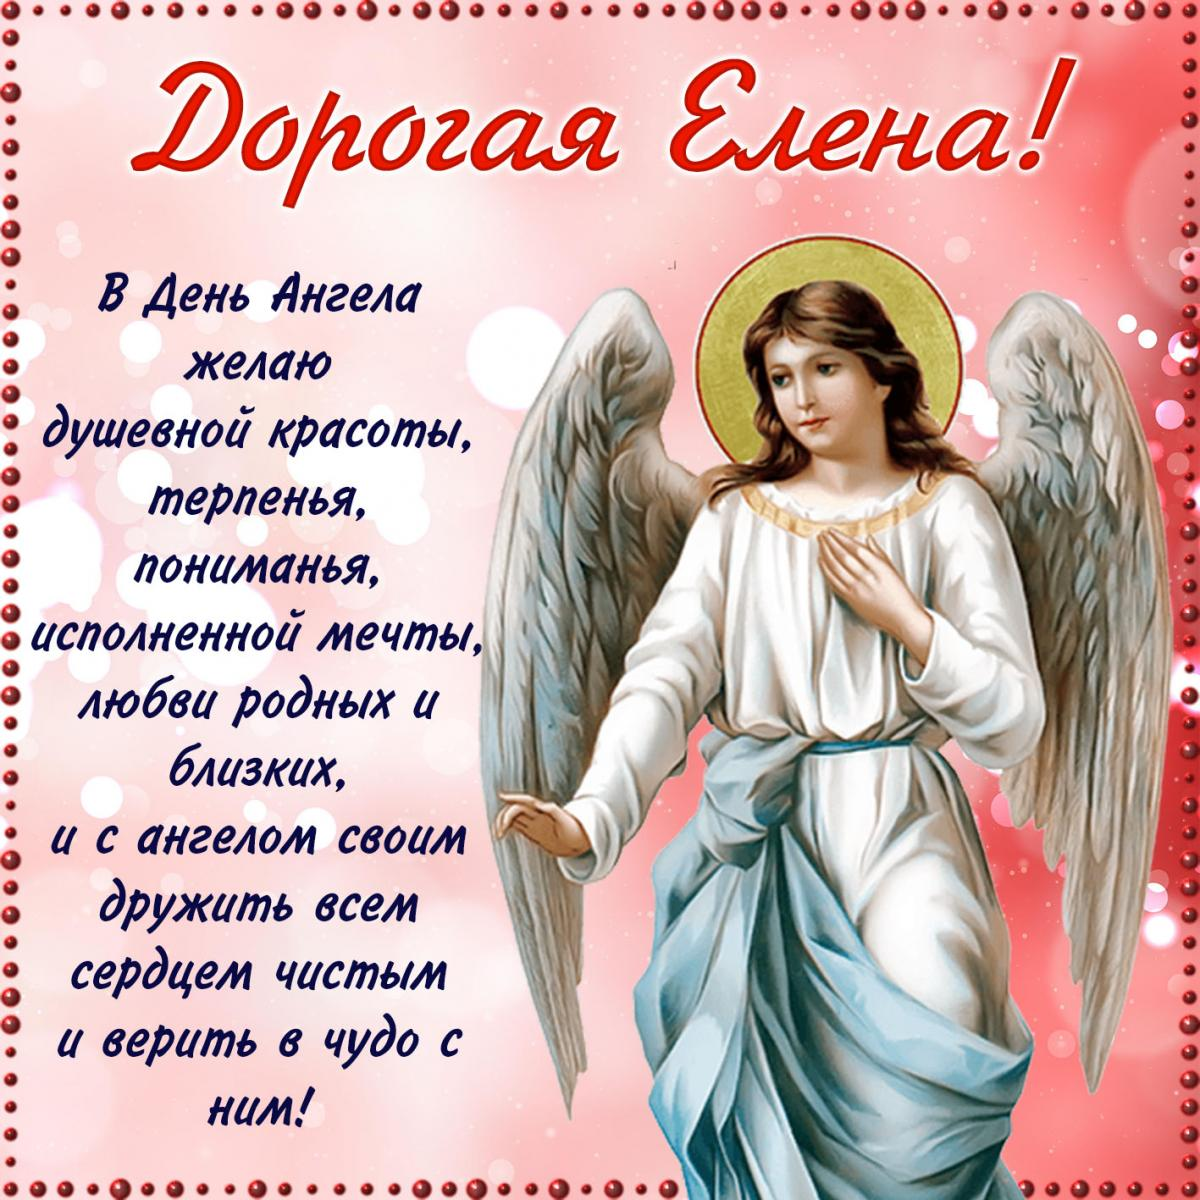 Gоздравления с днем елены/bonnycards.ru